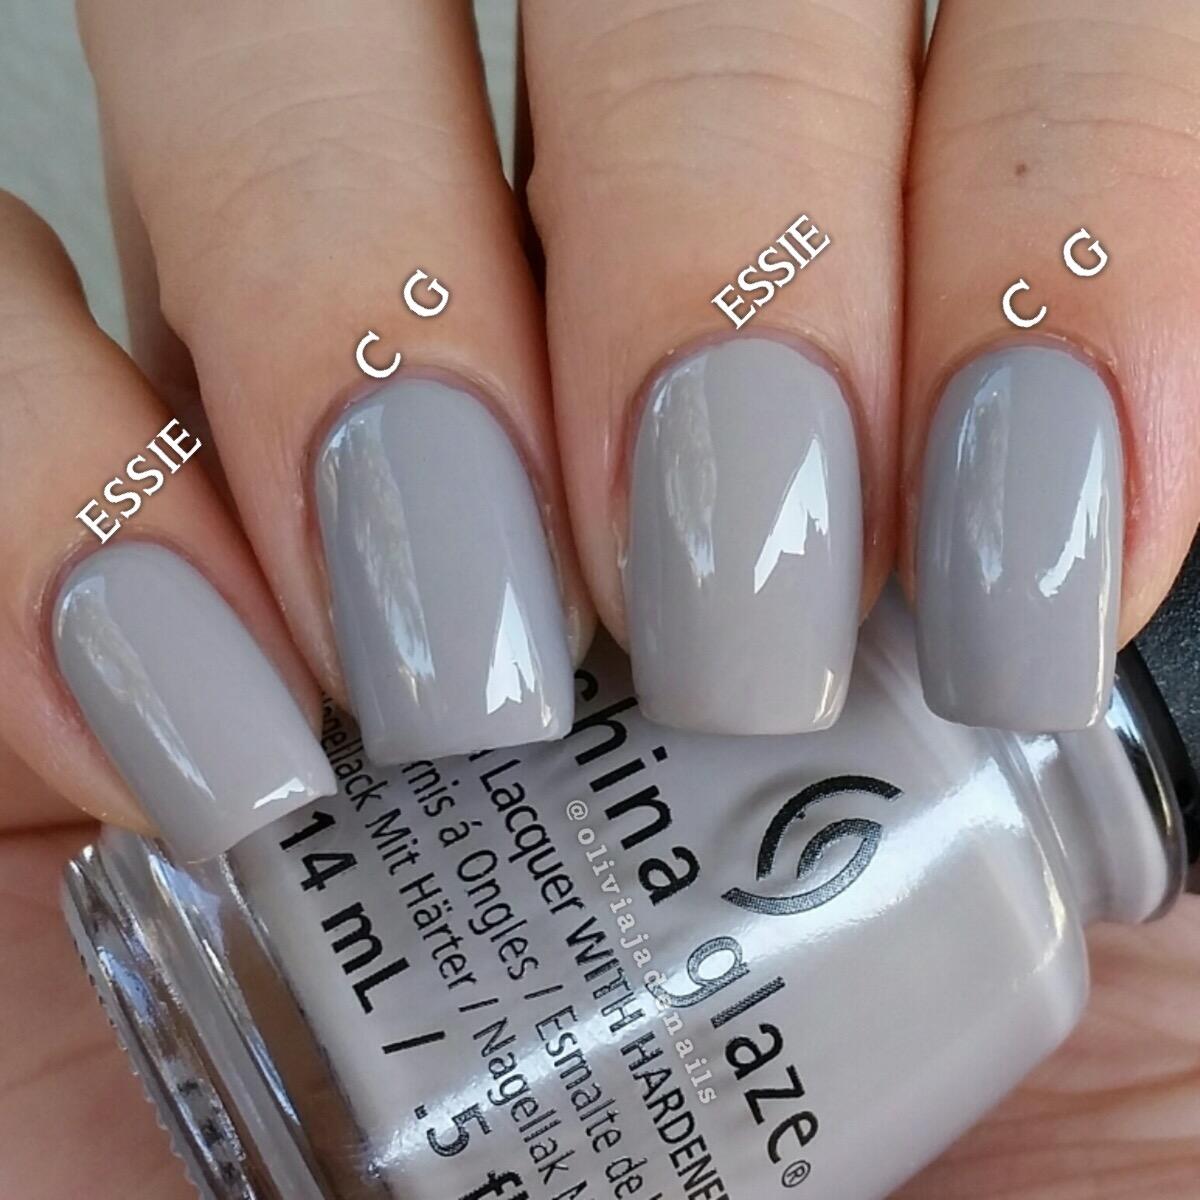 China Glaze Grey Nail Polish: Olivia Jade Nails: China Glaze The Great Outdoors